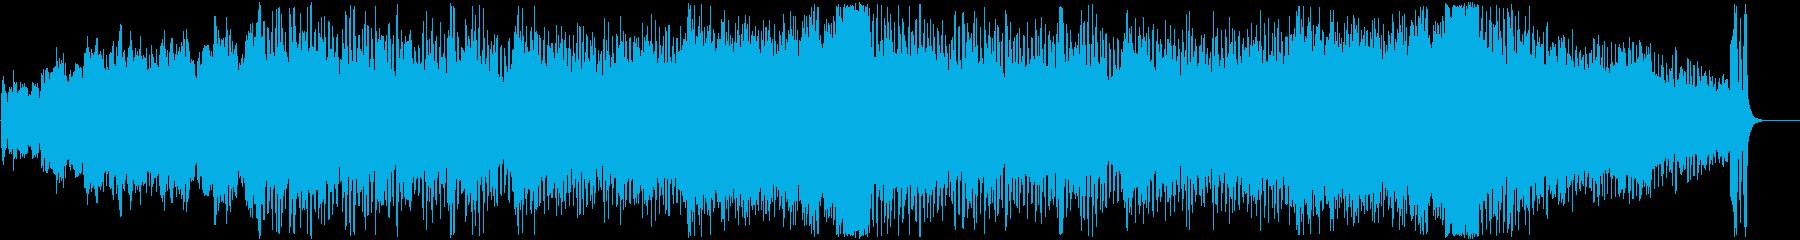 結婚式ビデオを想定したポップオーケストラの再生済みの波形